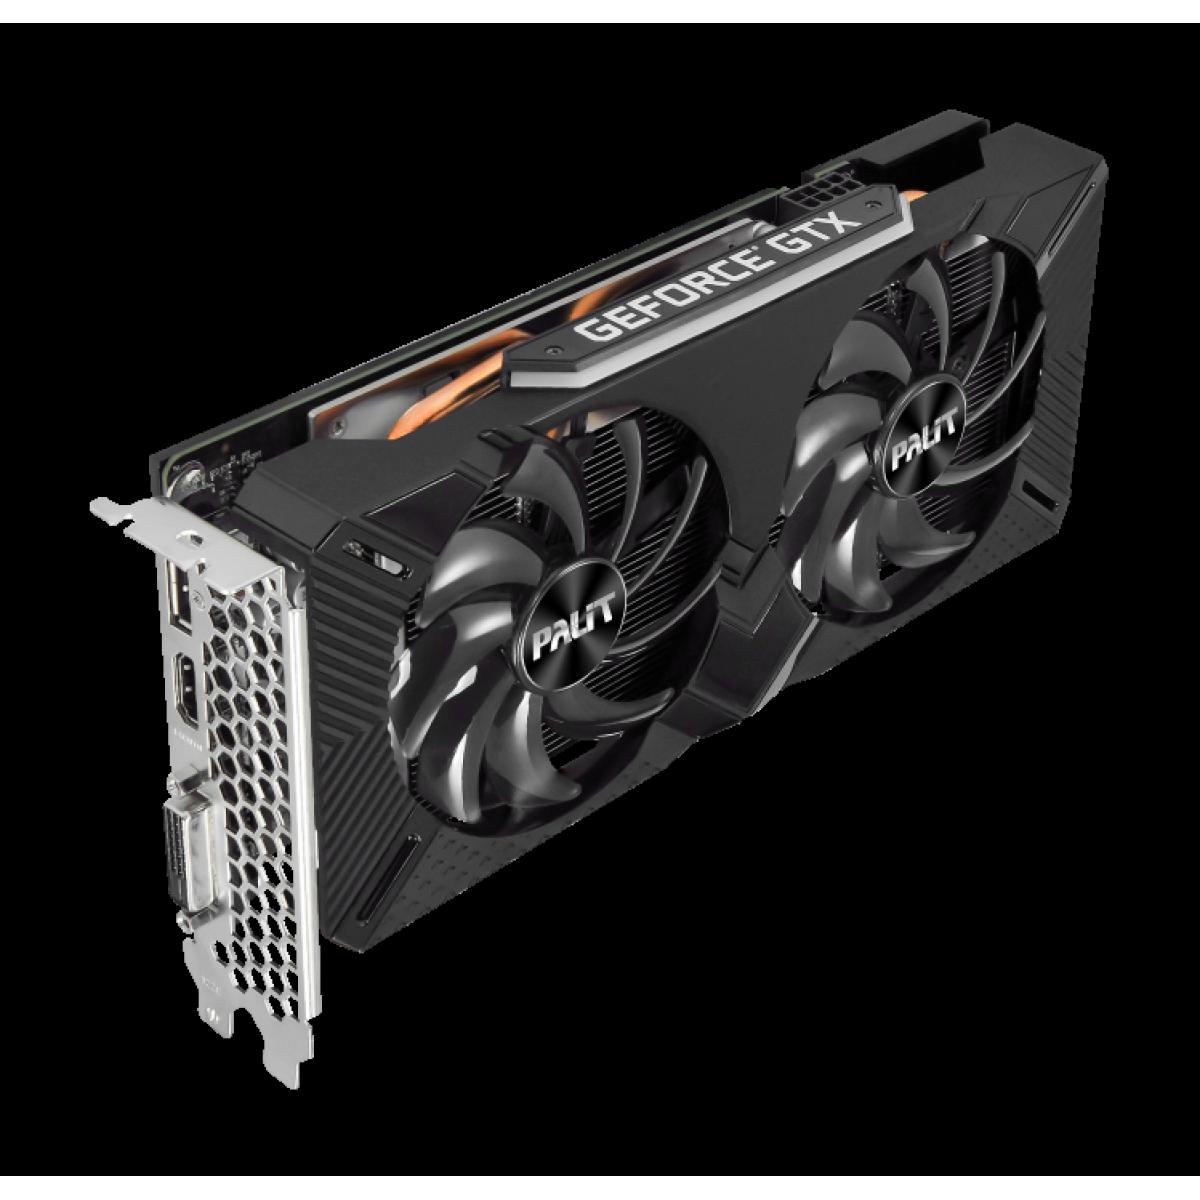 Placa de Vídeo Palit NVIDIA GeForce GTX 1660 Super GP, 6GB, GDDR6, 192bit, NE6166S018J9-1160A-1